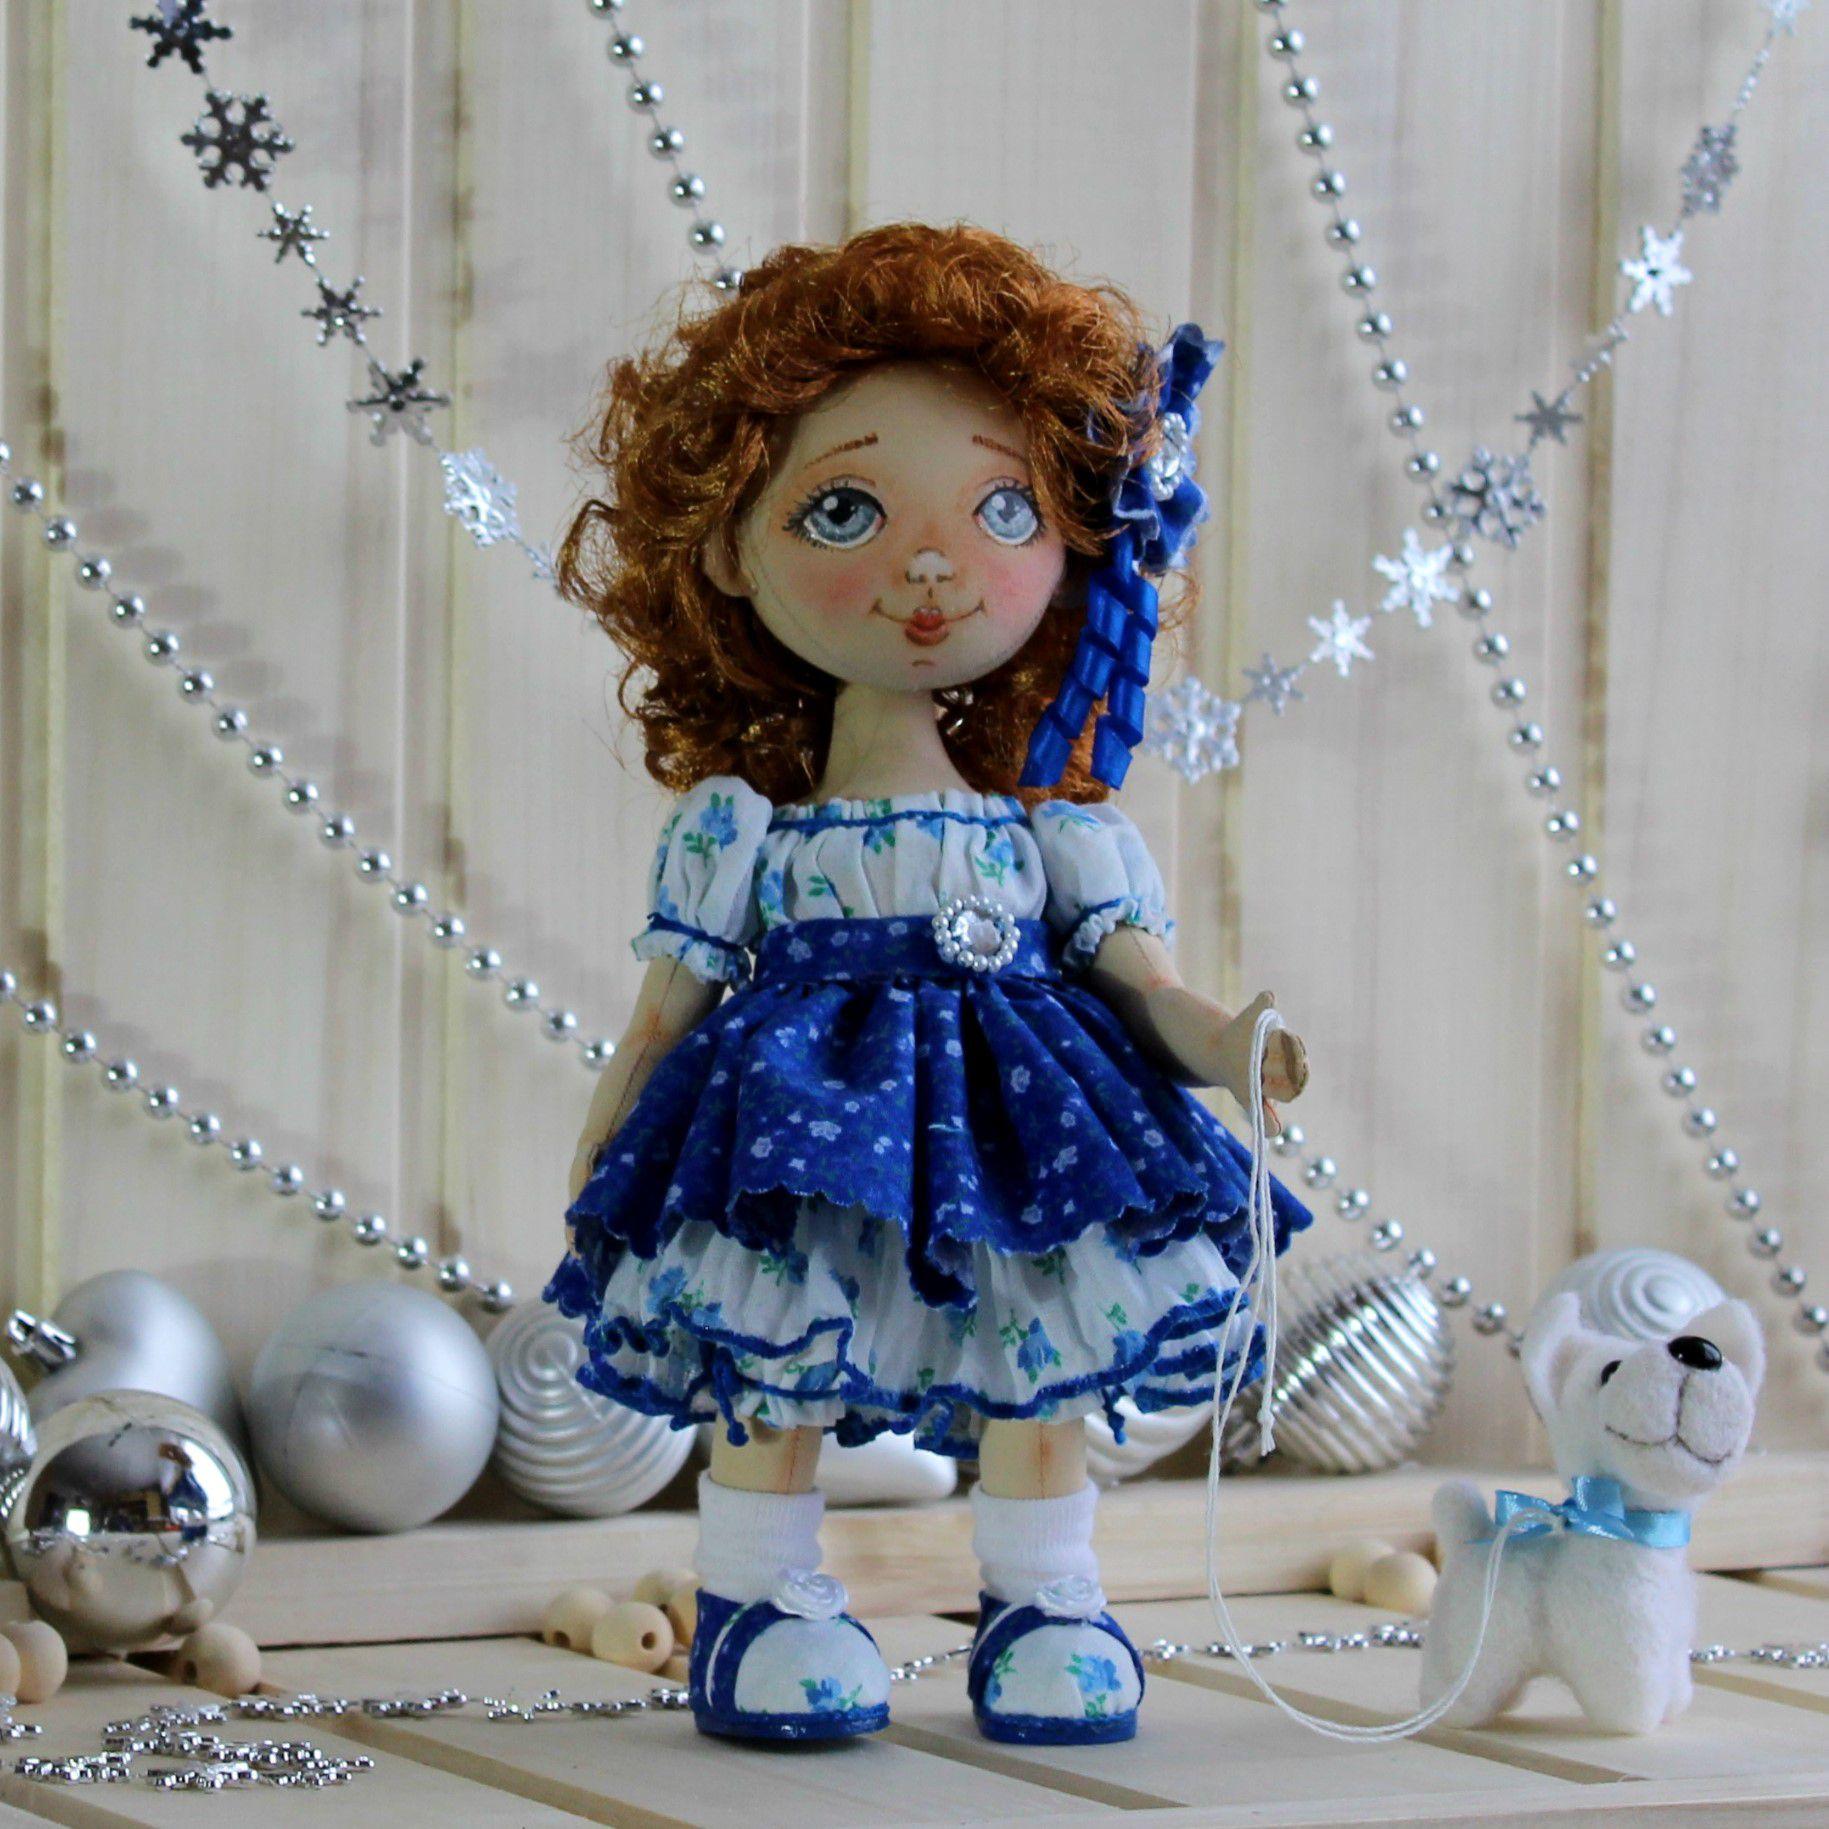 текстильная подарки праздник кукла любимая интерьерная